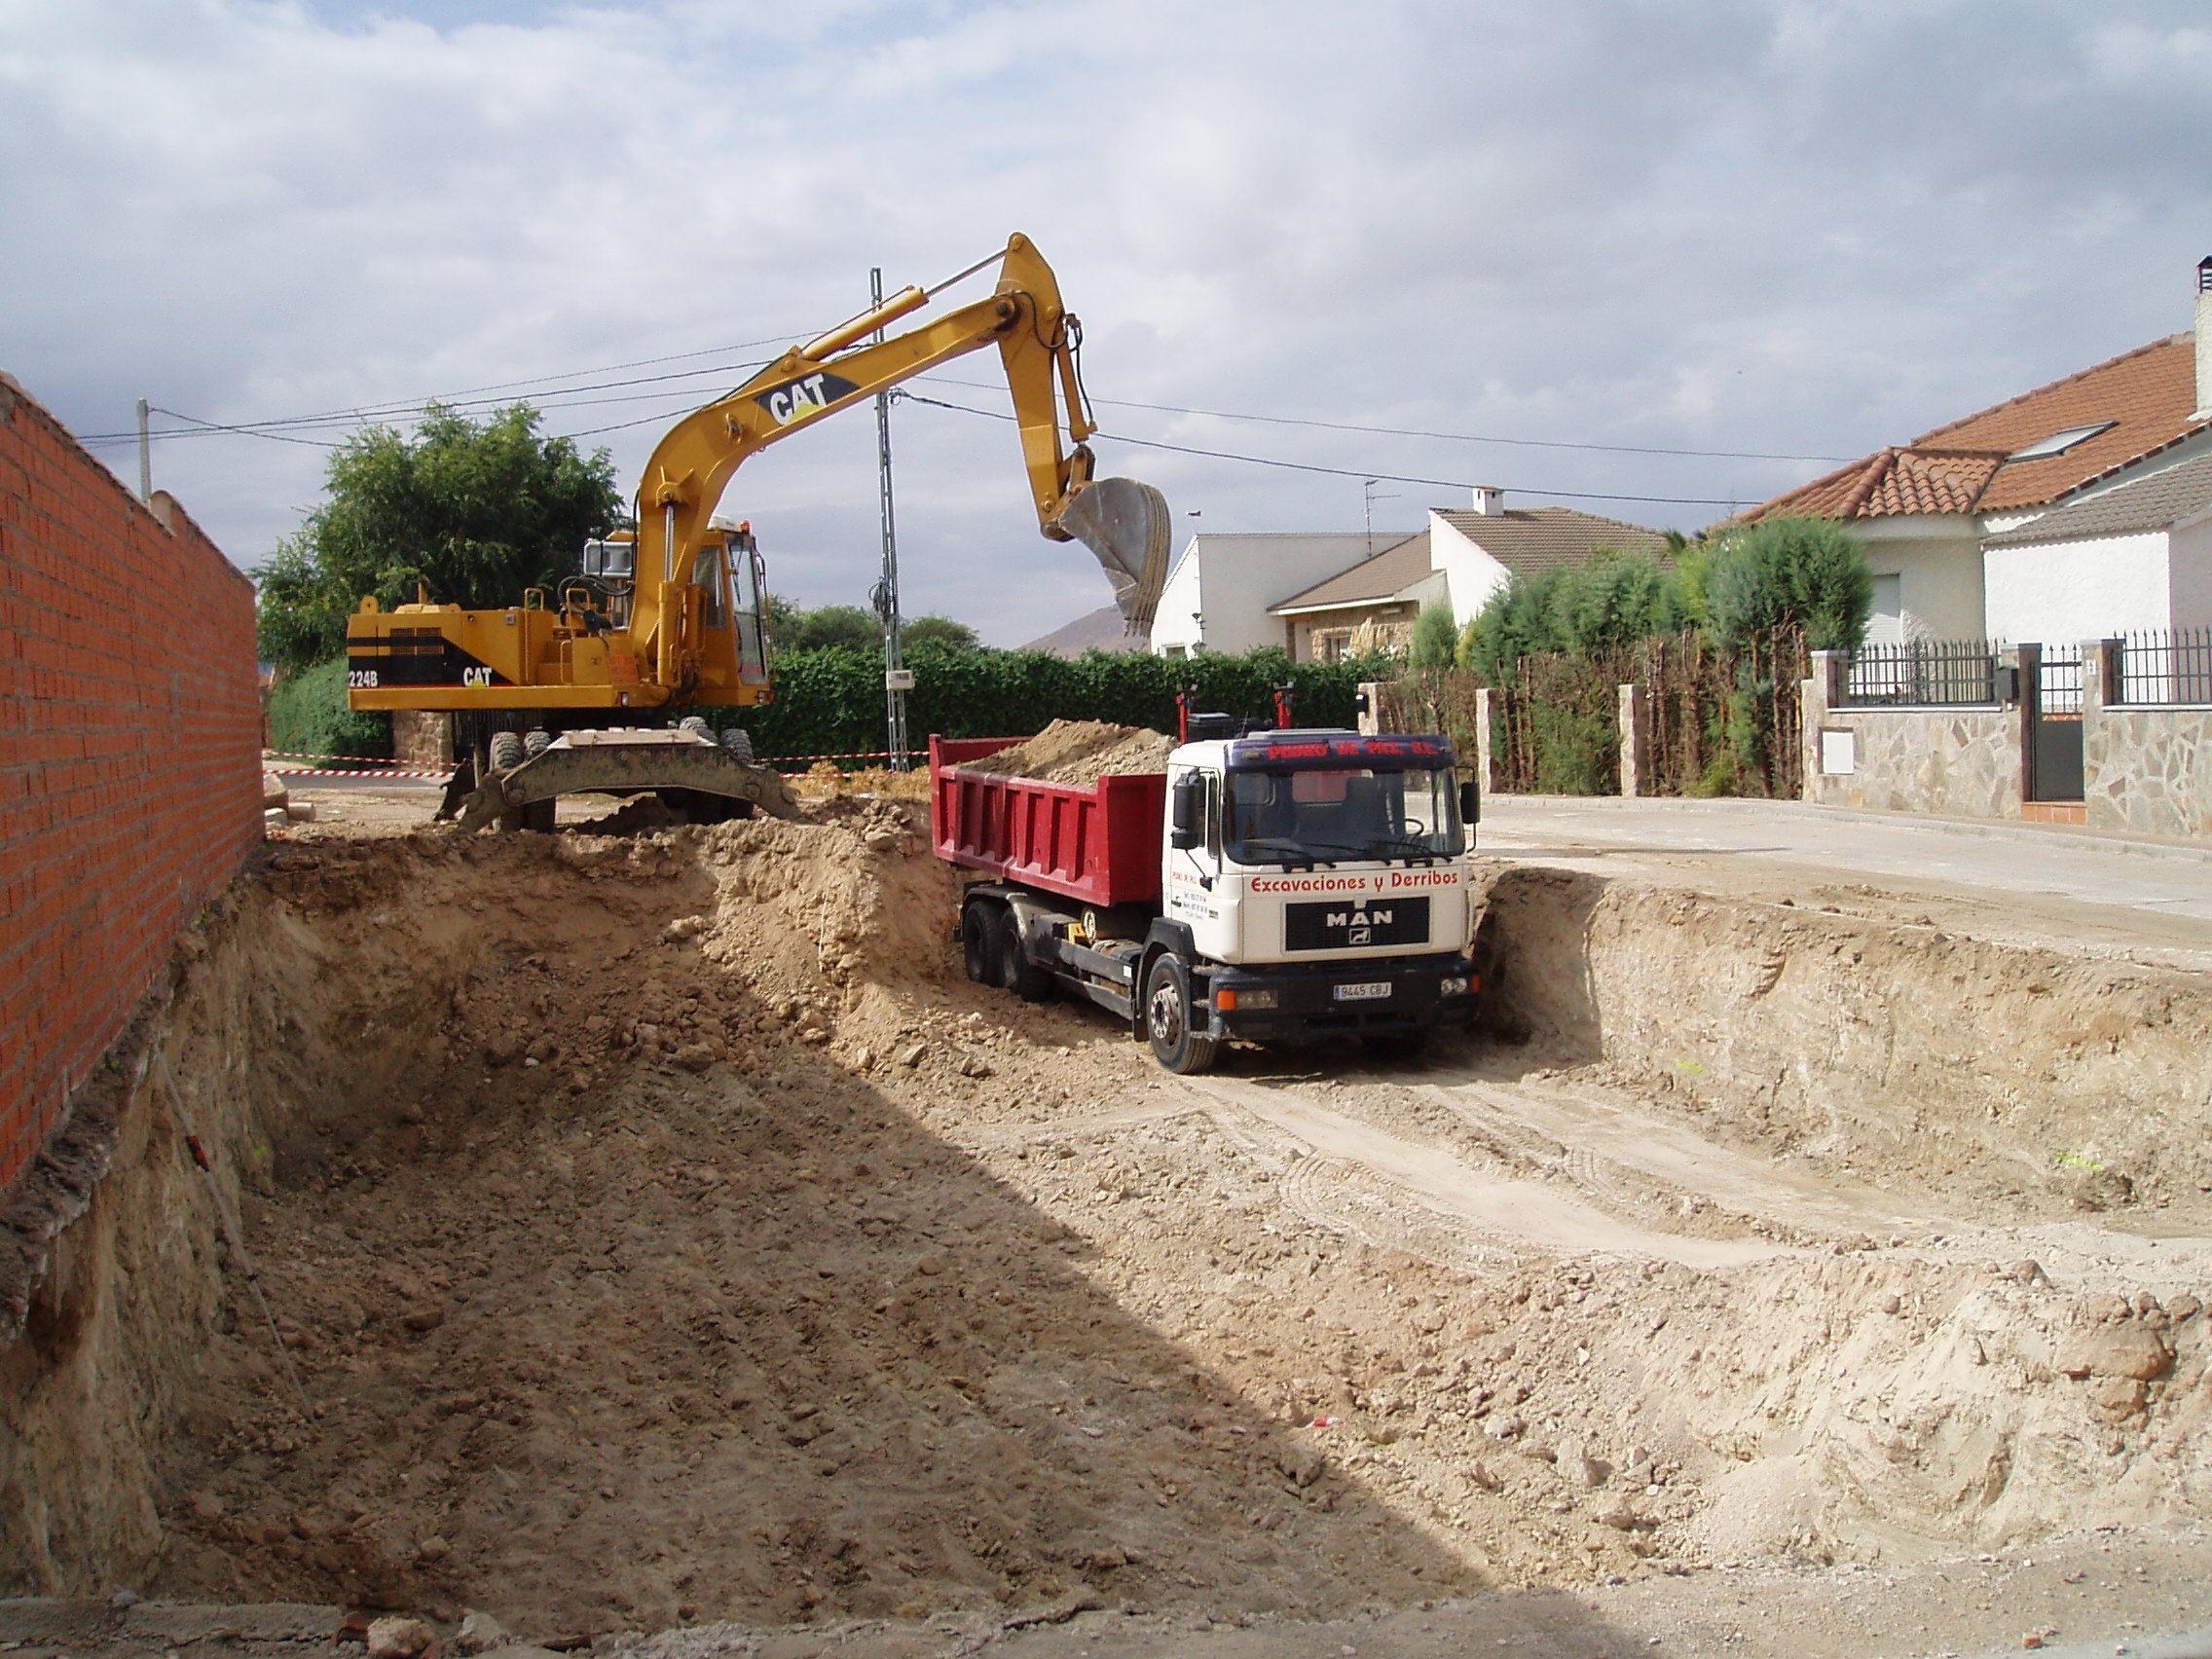 Vaciados de tierras: Trabajos y Maquinaria de Excavaciones Pedro de Paz